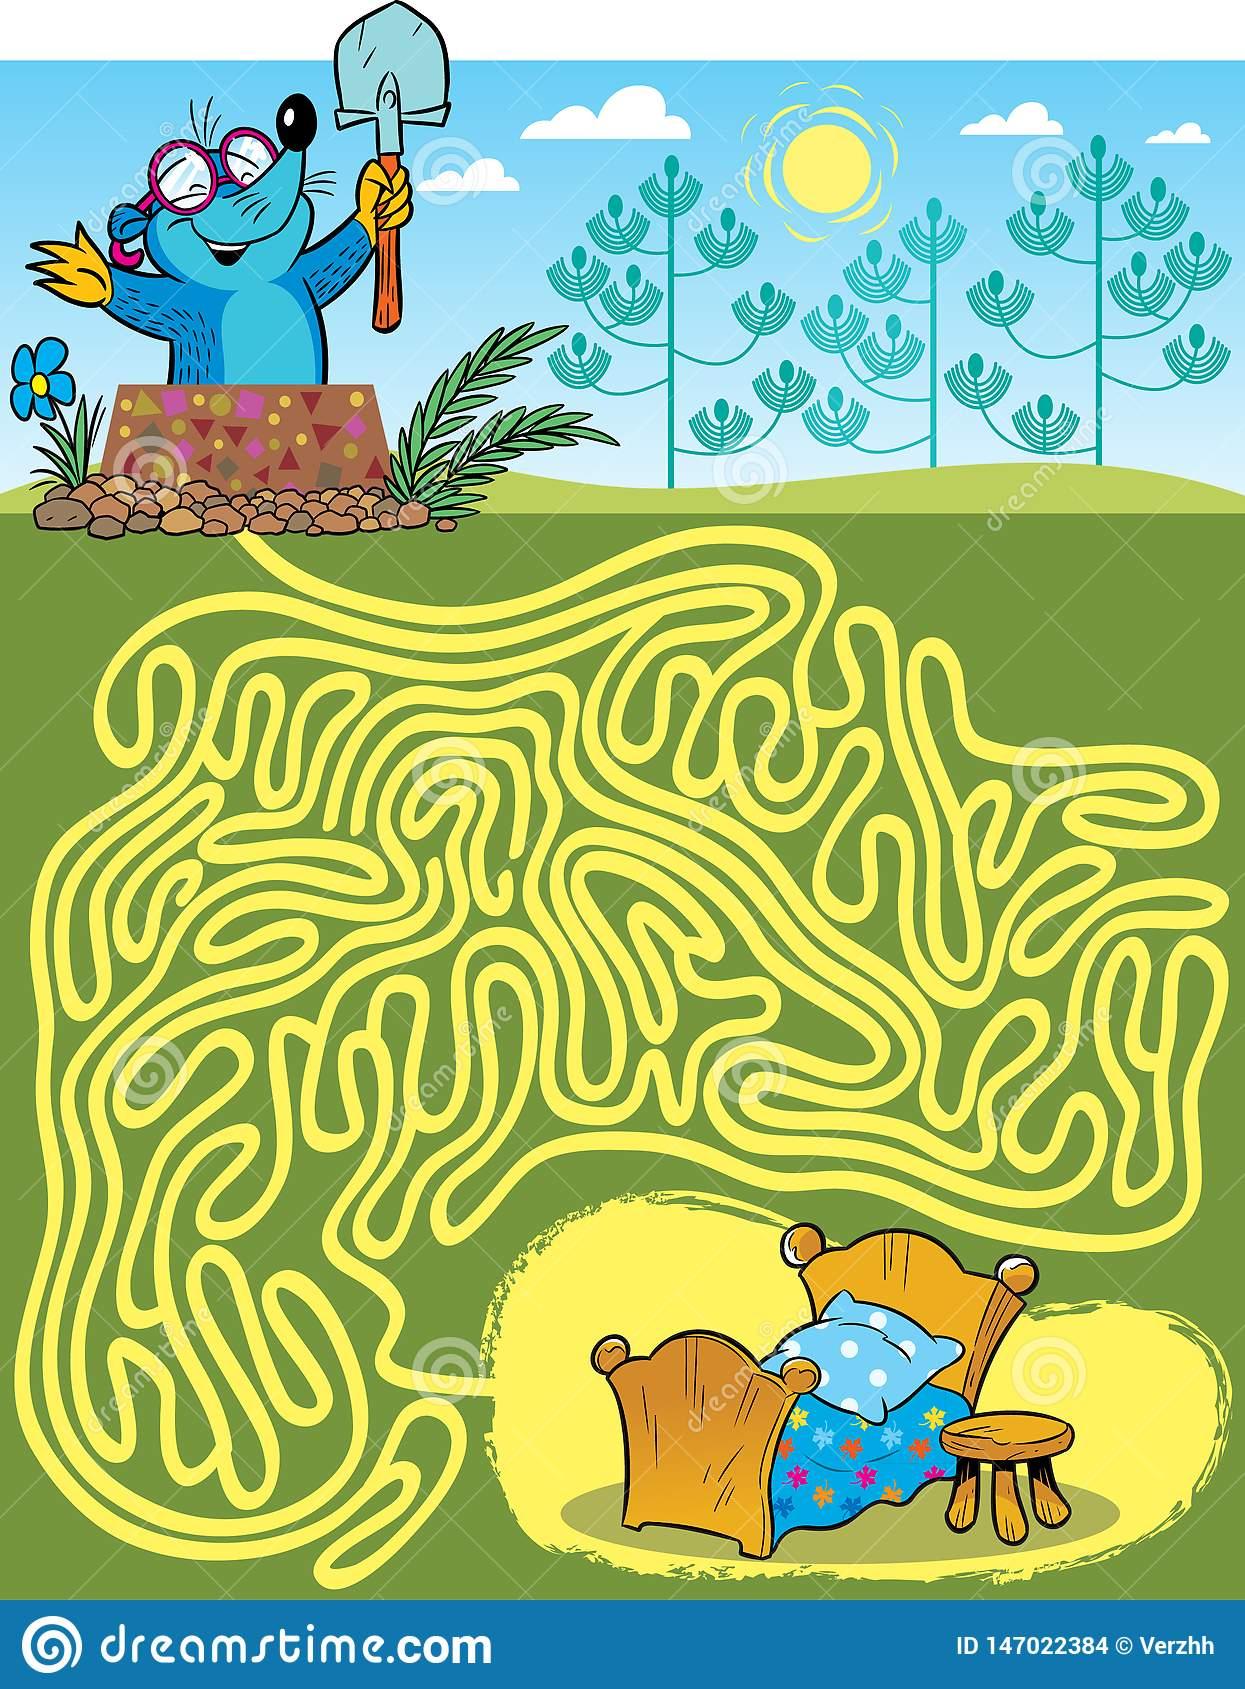 Labyrinthe Avec Une Taupe, Pour Trouver Une Manière tout La Taupe Musique